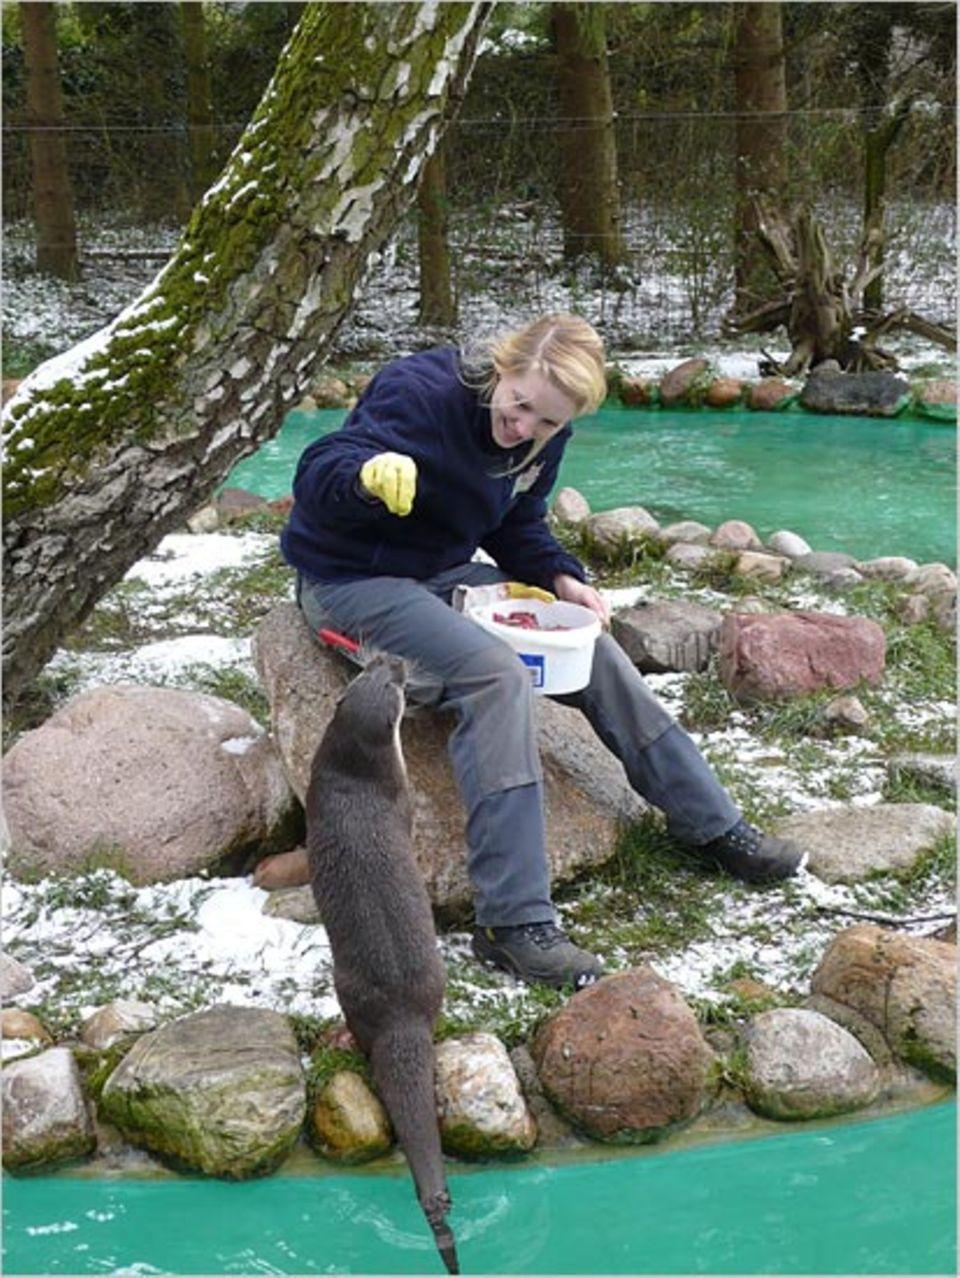 Beruf: Der Seeotter hat einen guten Tag: Er frisst Hannah sogar aus der Hand